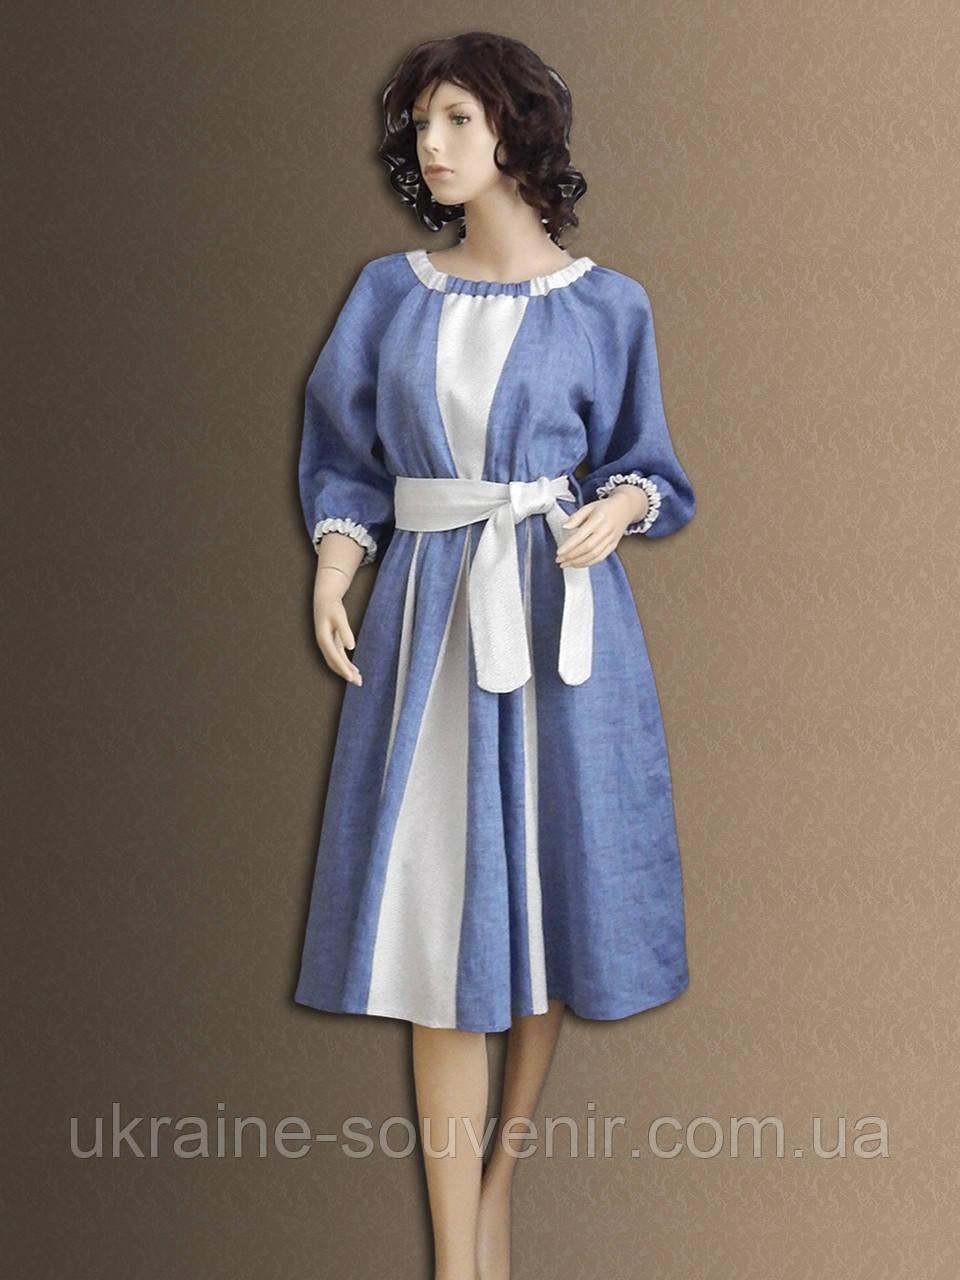 Сукня жіноча в українському стилі a5ad3a3503d1b